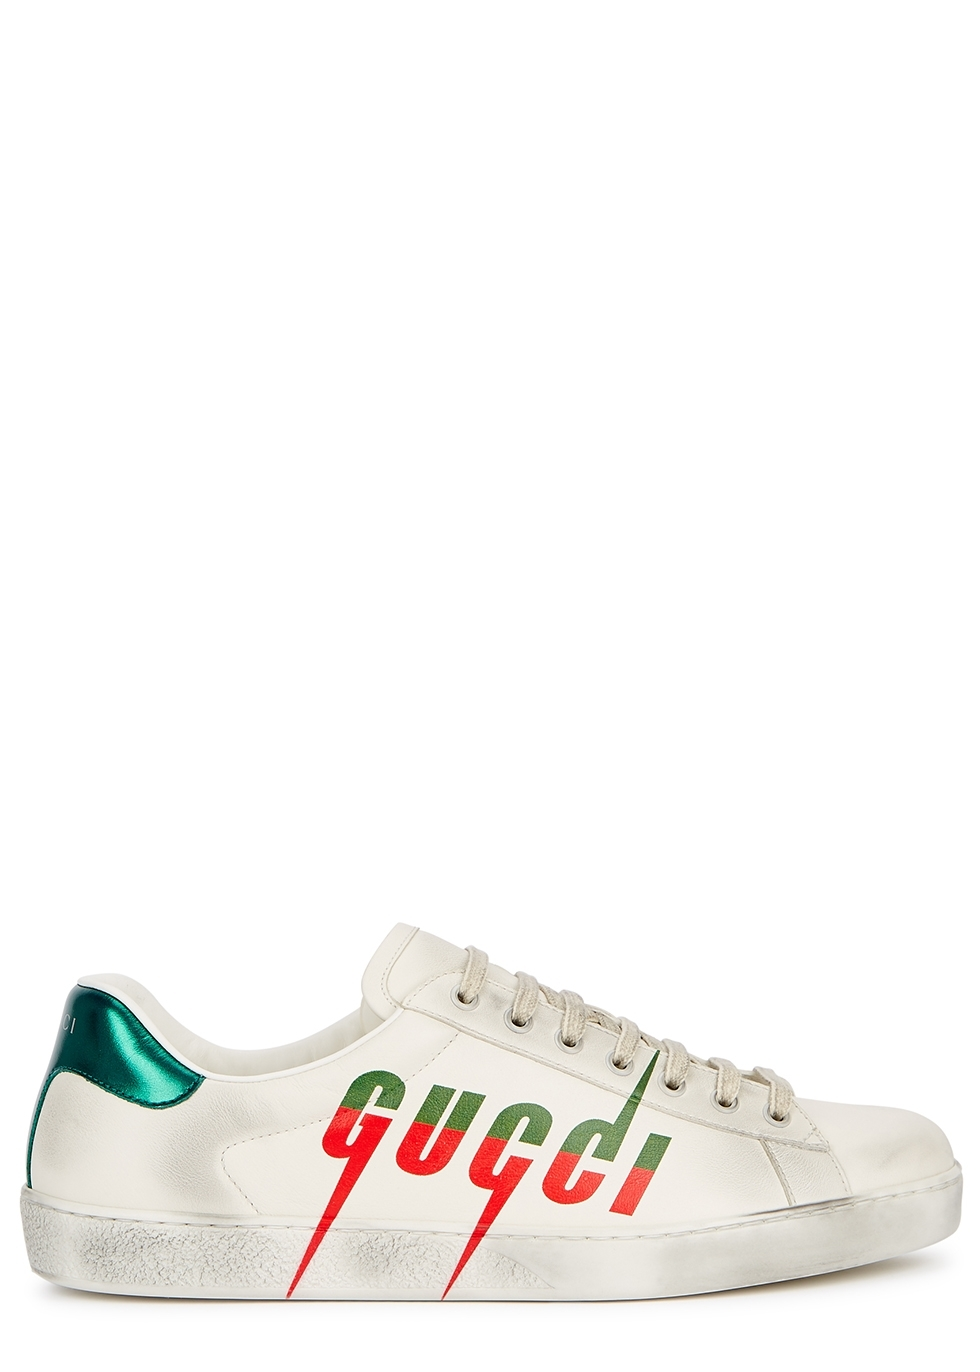 48df11dda Gucci Men's Shoes - Harvey Nichols